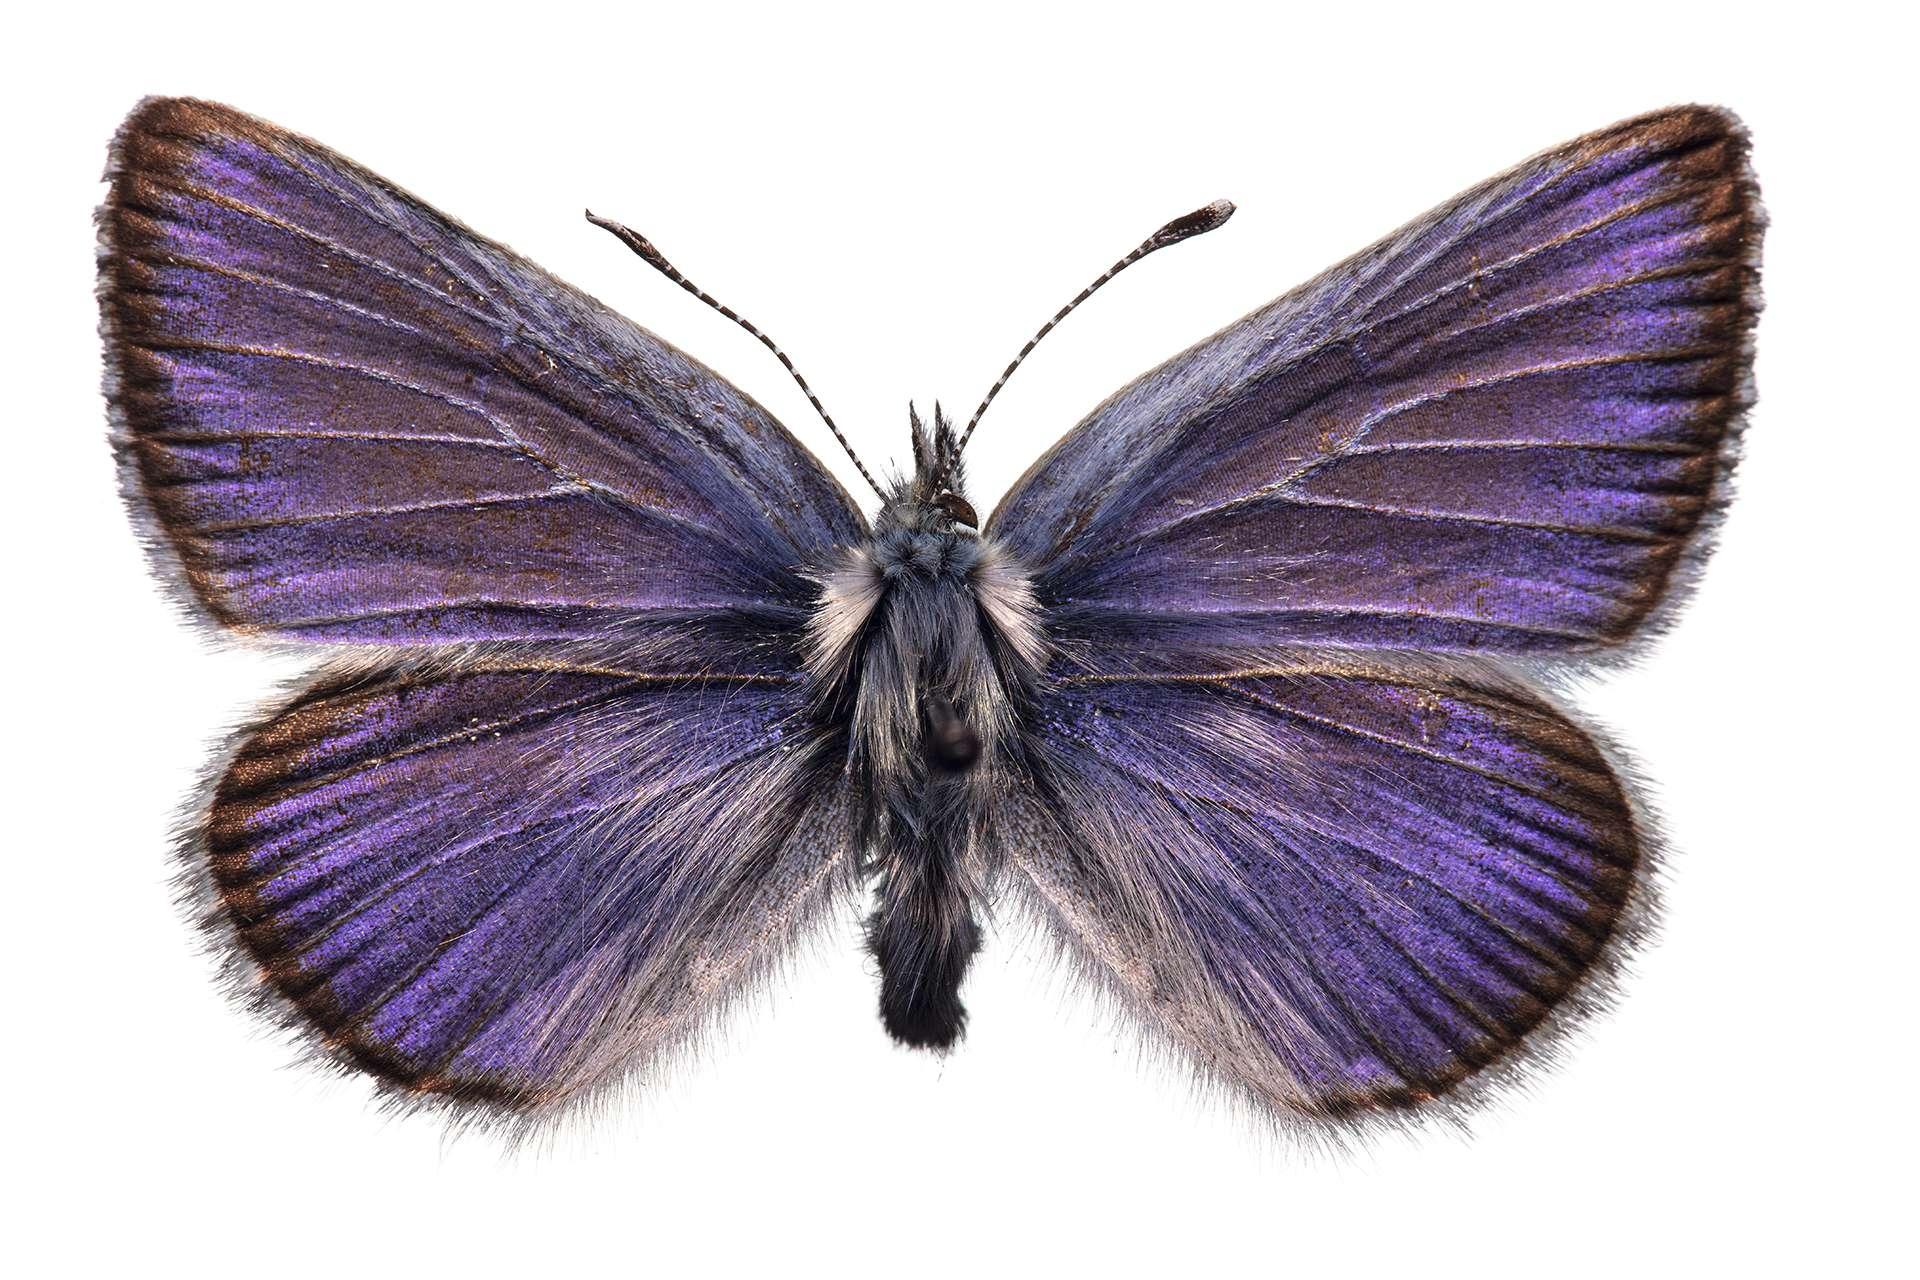 最後一次有人看見寬3公分的瑟西思藍小灰蝶,是大約80年前在舊金山附近的沙丘。有些科學家擔憂,牠的滅絕可能預示了全球昆蟲的大量死亡。 PRESERVED SPECIMEN PHOTOGRAPHED AT CALIFORNIA ACADEMY OF SCIENCES